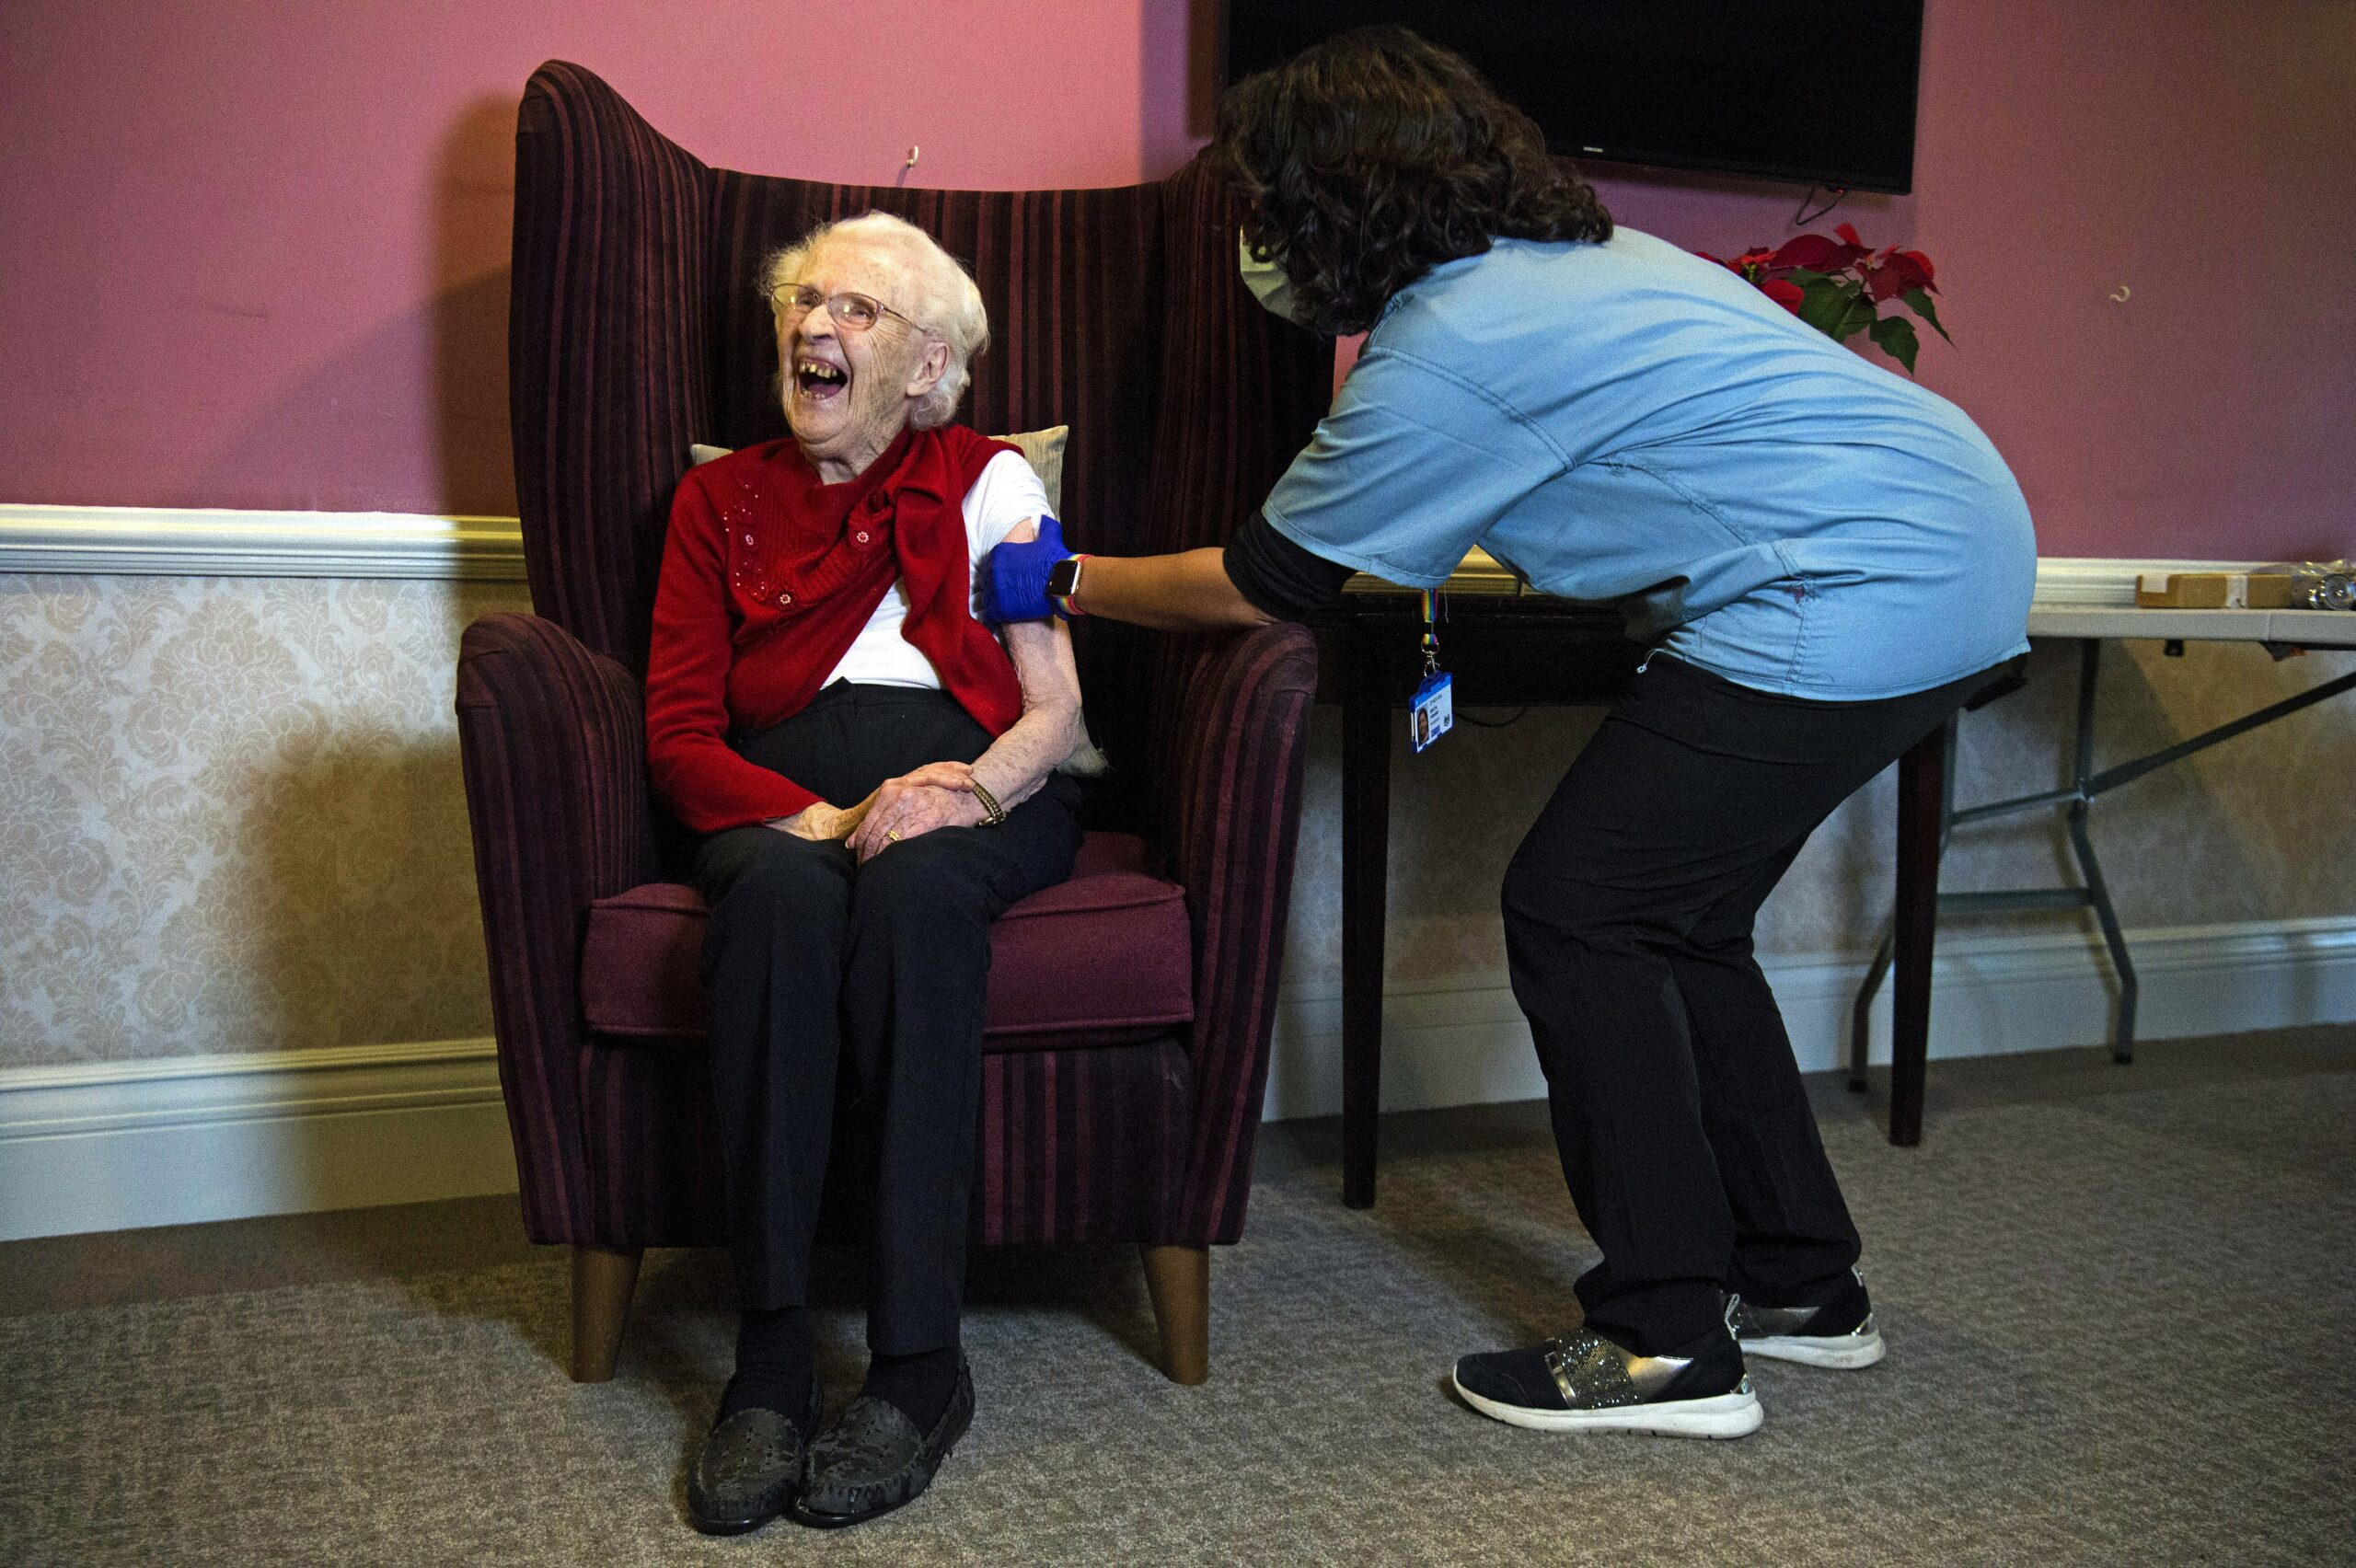 Una infermera posa la vacuna contra la Covid-19 a una dona gran al Regne Unit / EP